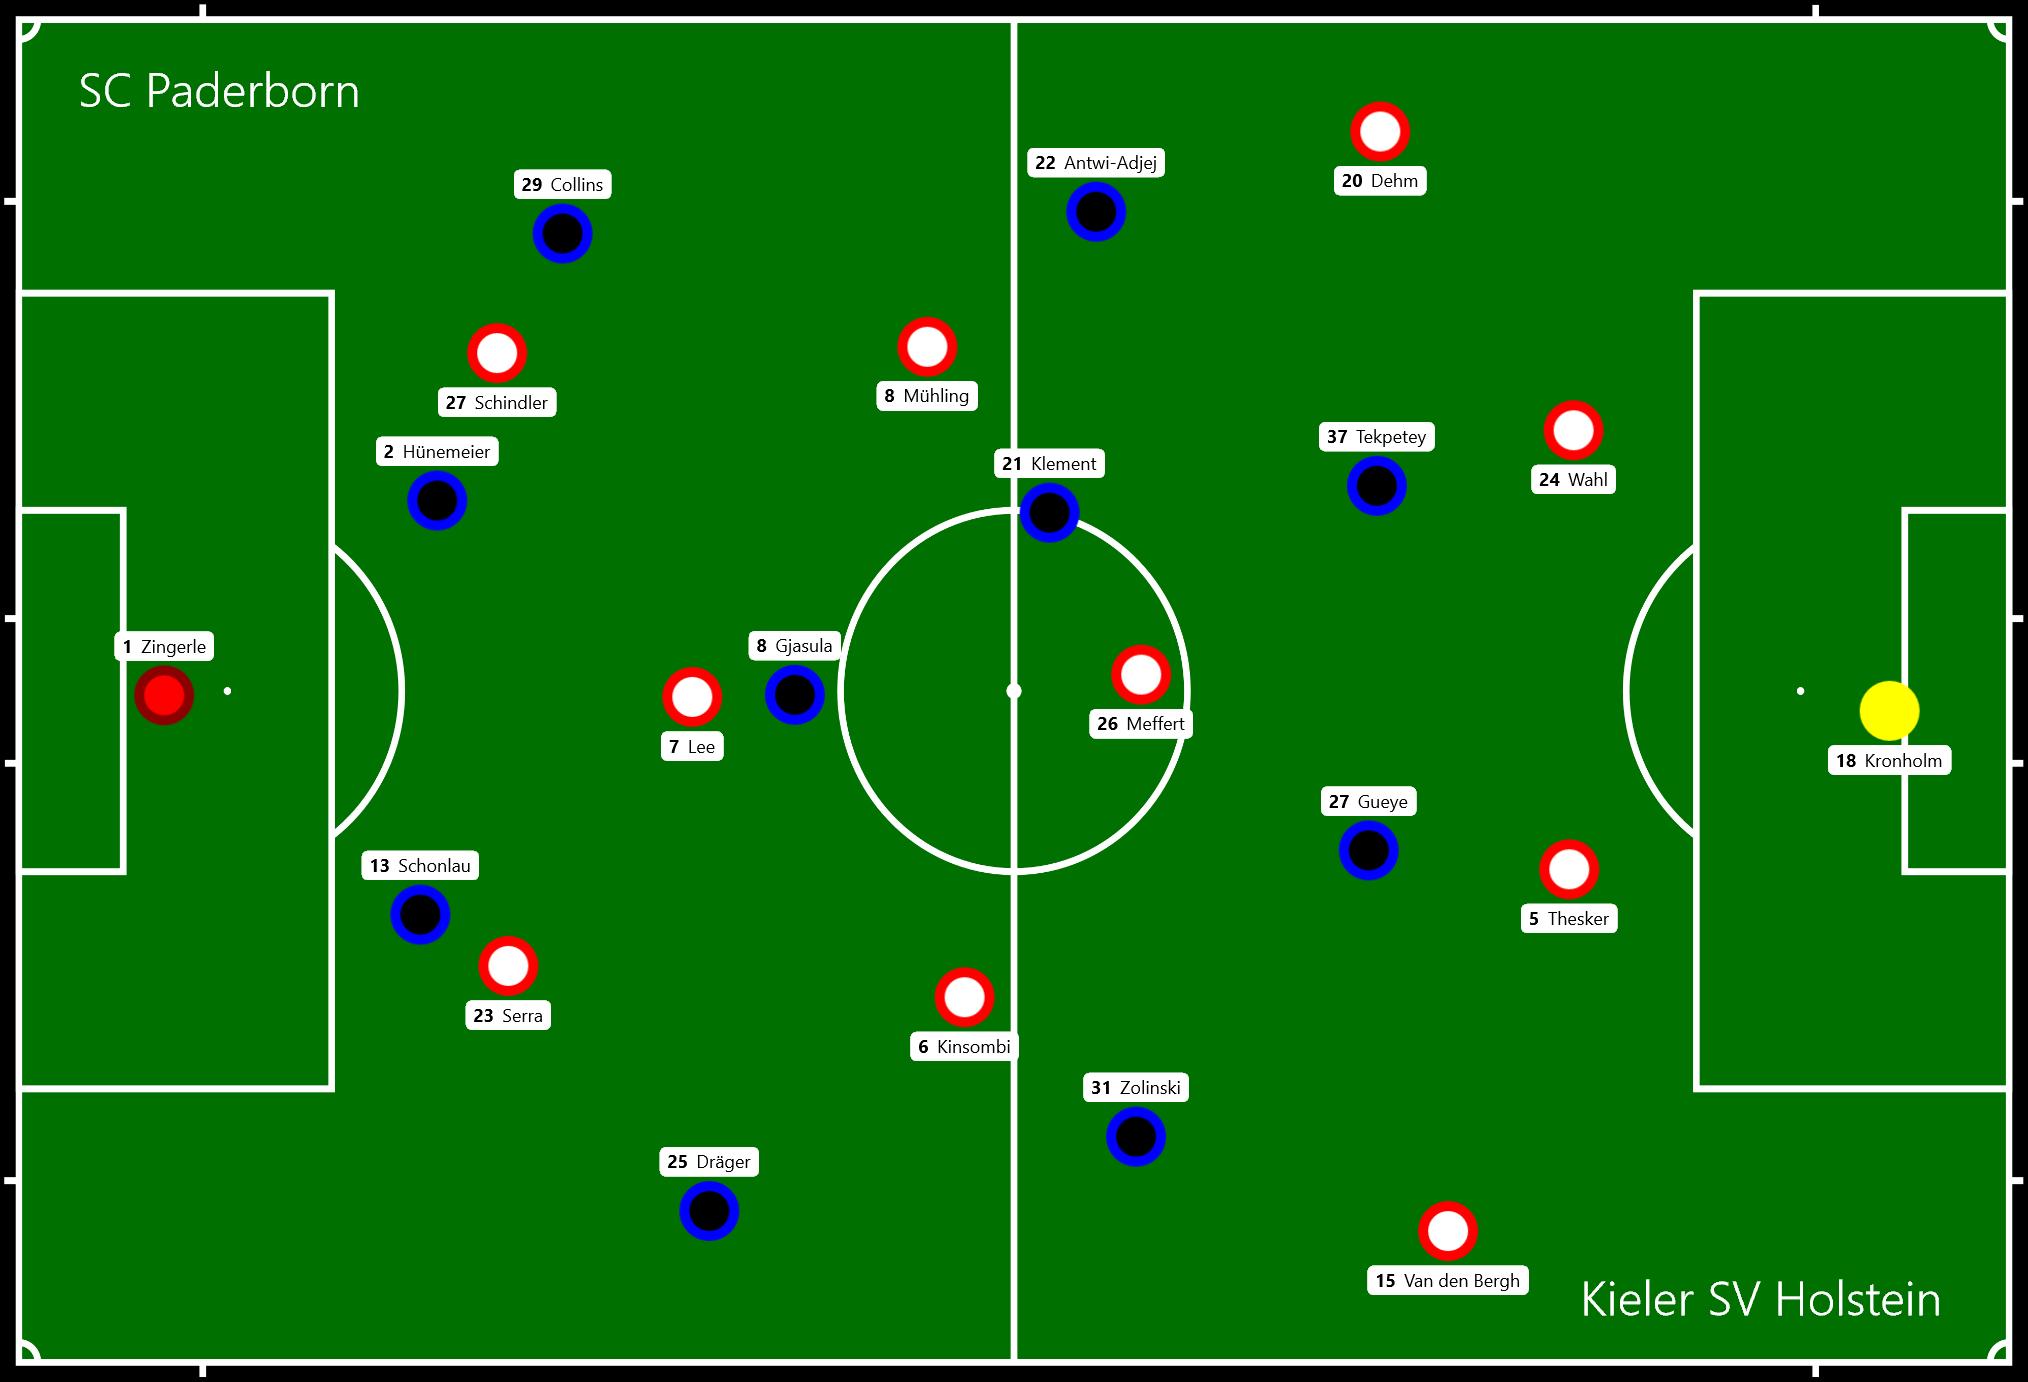 sc-paderborn-kieler-sv-holstein3